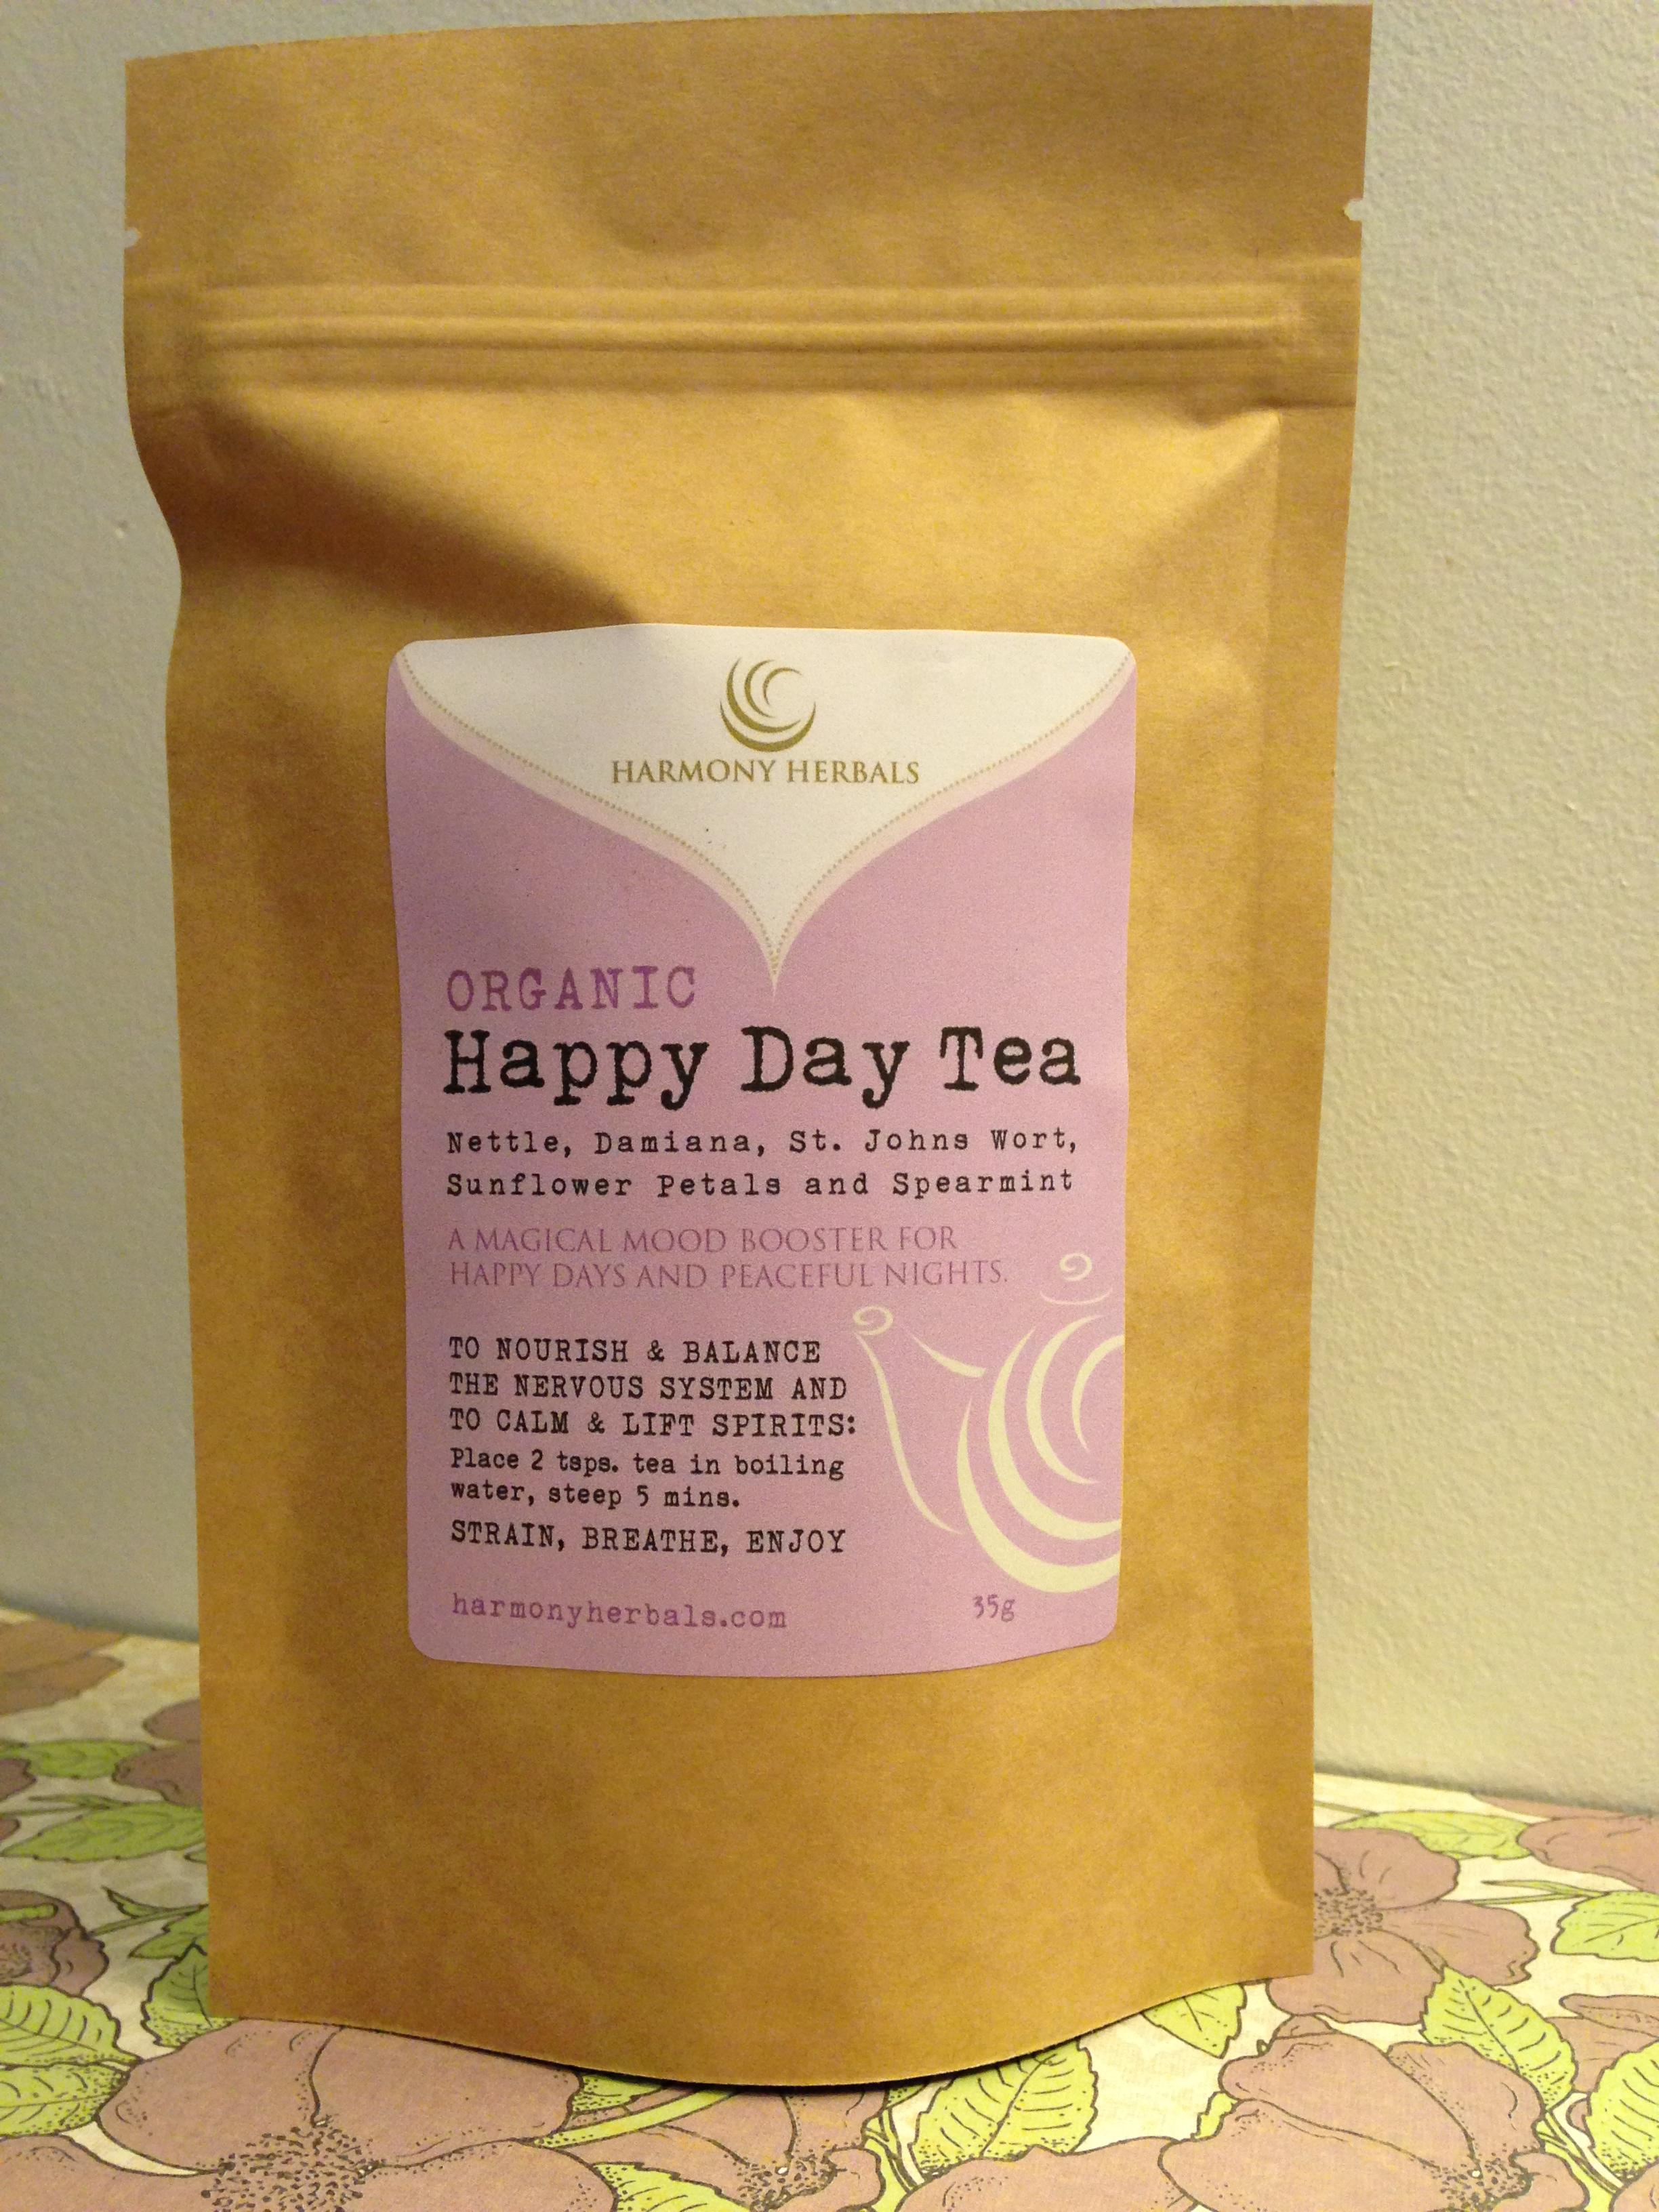 happy day tea harmony herbalshappy day tea